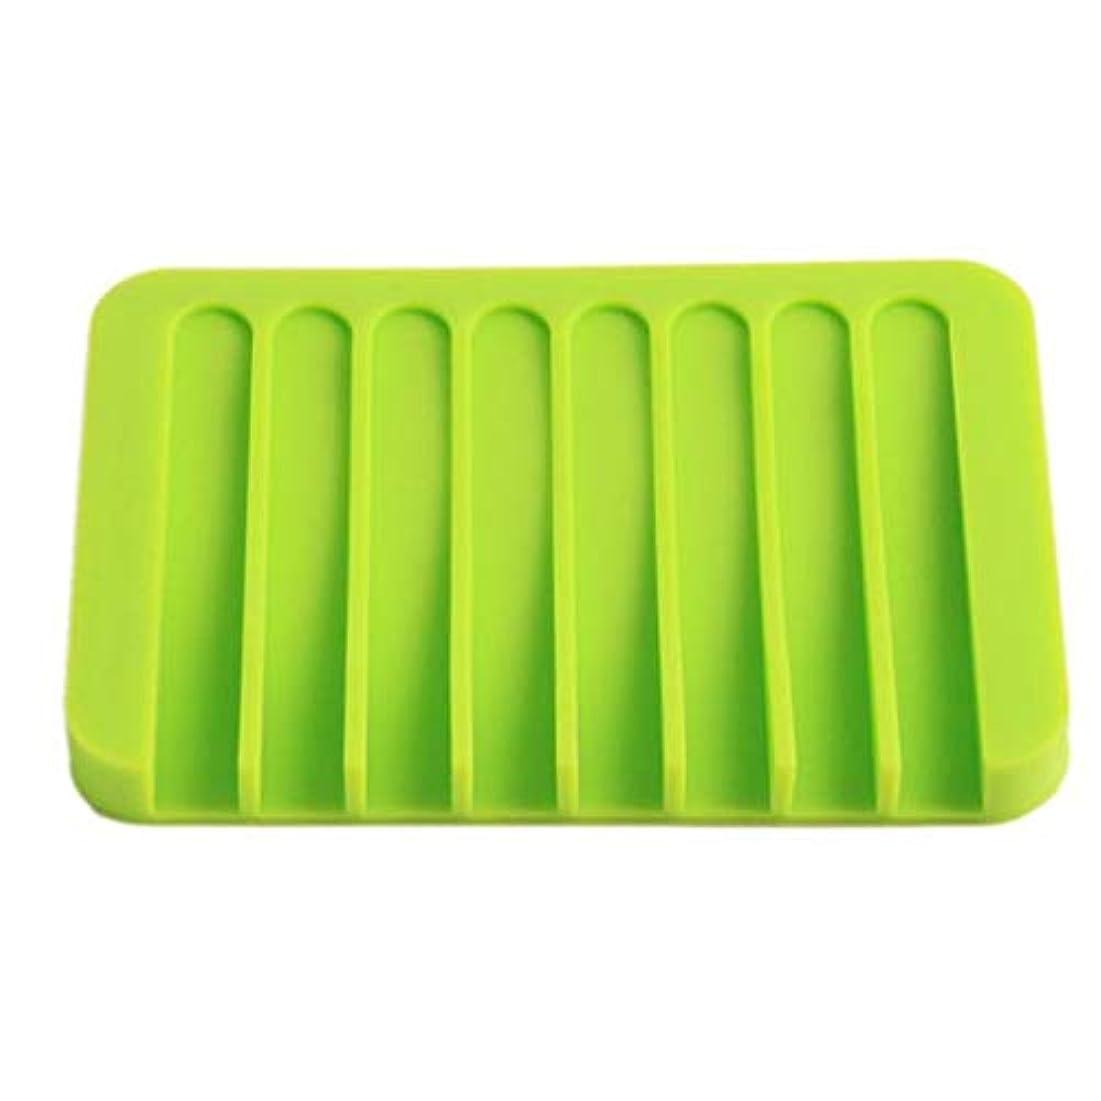 処分した彼らのもの数Onior プレミアム品質のシリコーン浴室柔軟な石鹸皿ソープホルダー収納ソープボックスプレートトレイ排水、グリーン